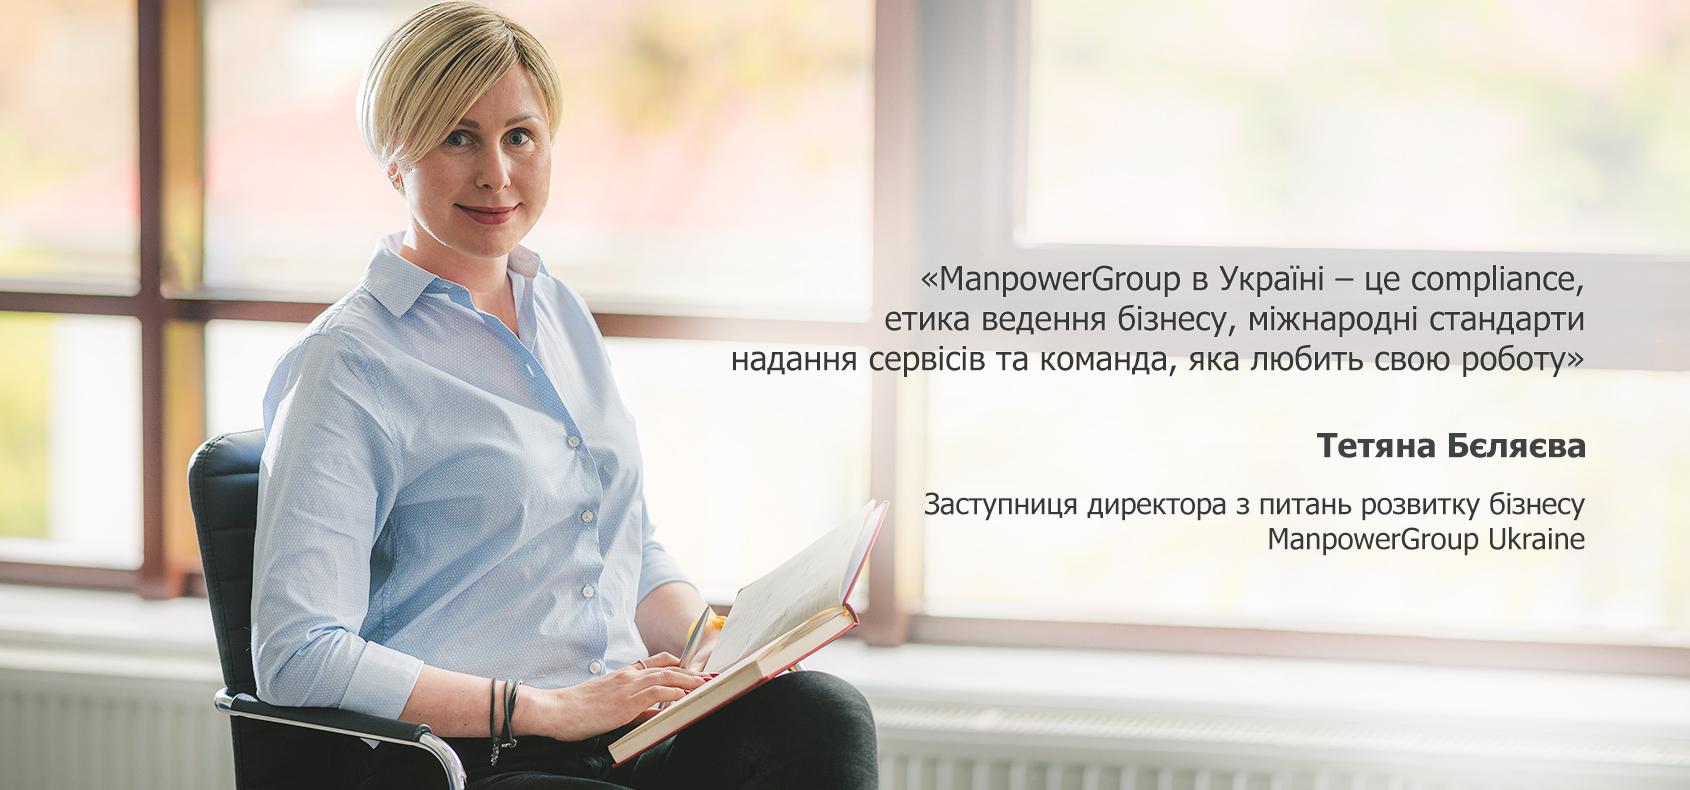 «Ринок праці буде змінюватися, і чим далі, тим швидше», - інтерв'ю з Тетяною Бєляєвою